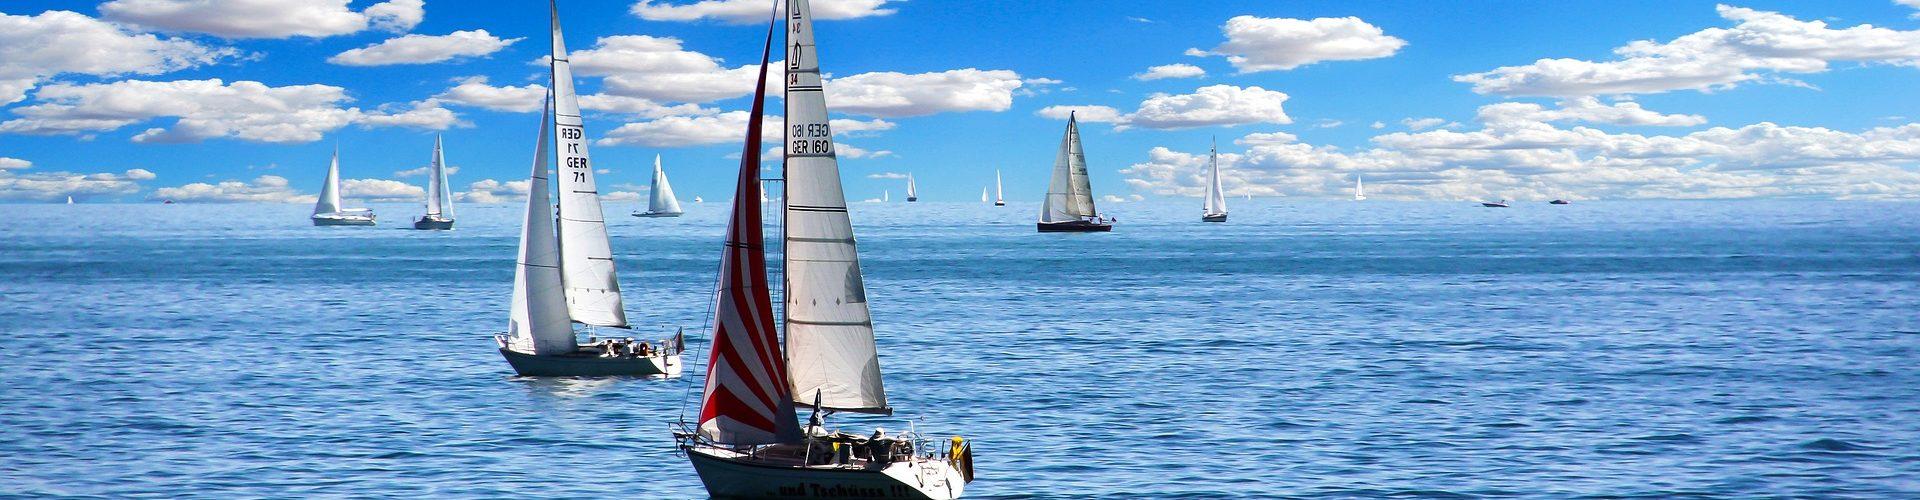 segeln lernen in Grimma segelschein machen in Grimma 1920x500 - Segeln lernen in Grimma